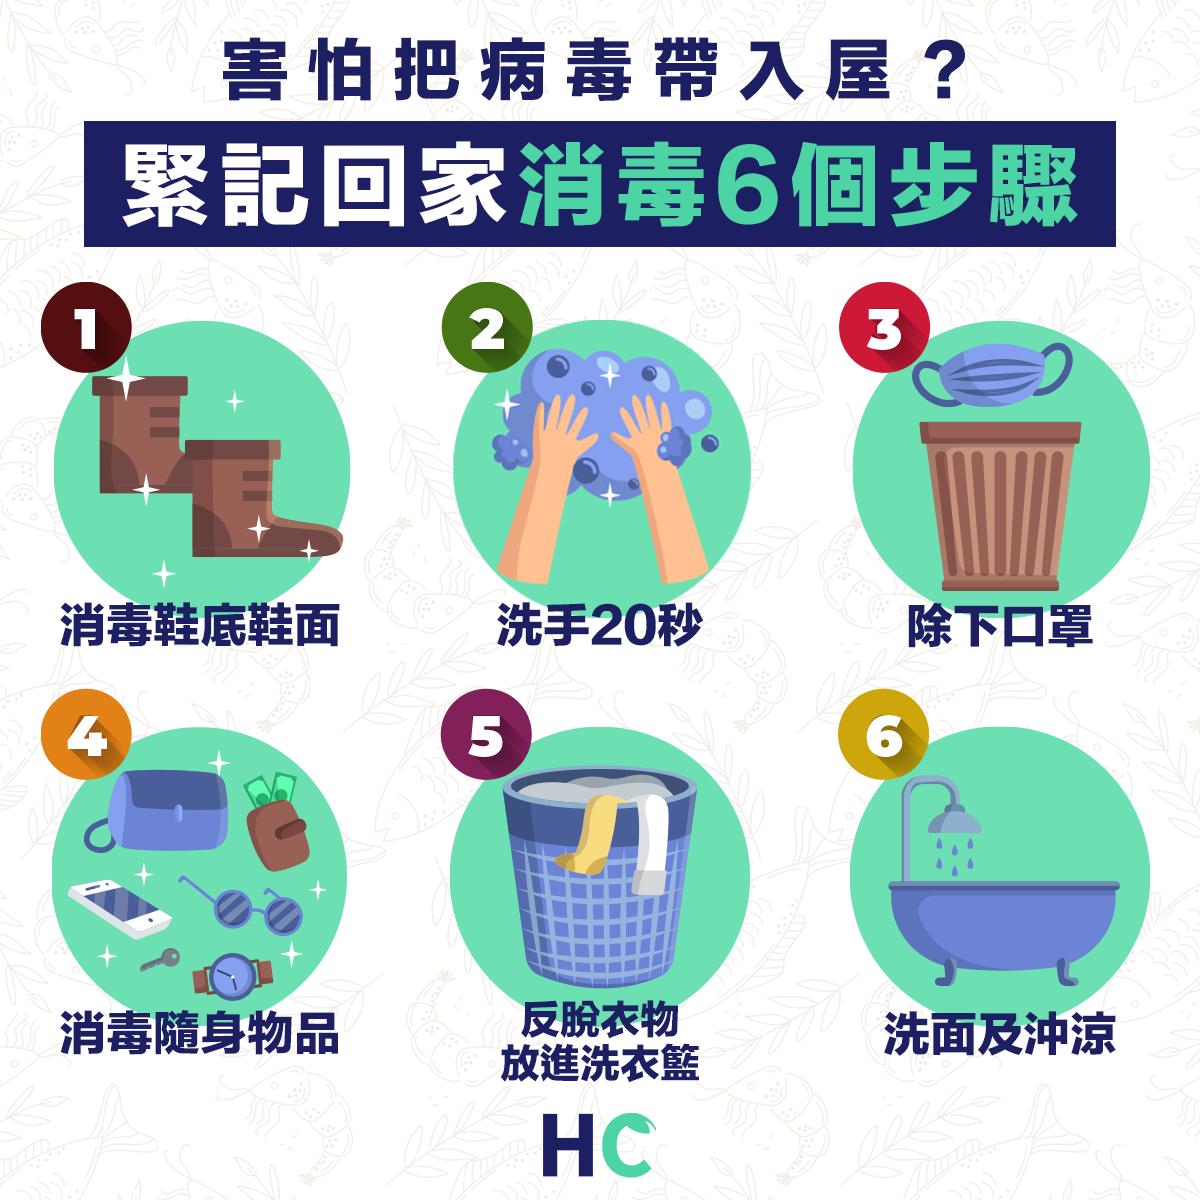 【#健康資訊】害怕把病毒帶入屋? 緊記回家消毒6個步驟